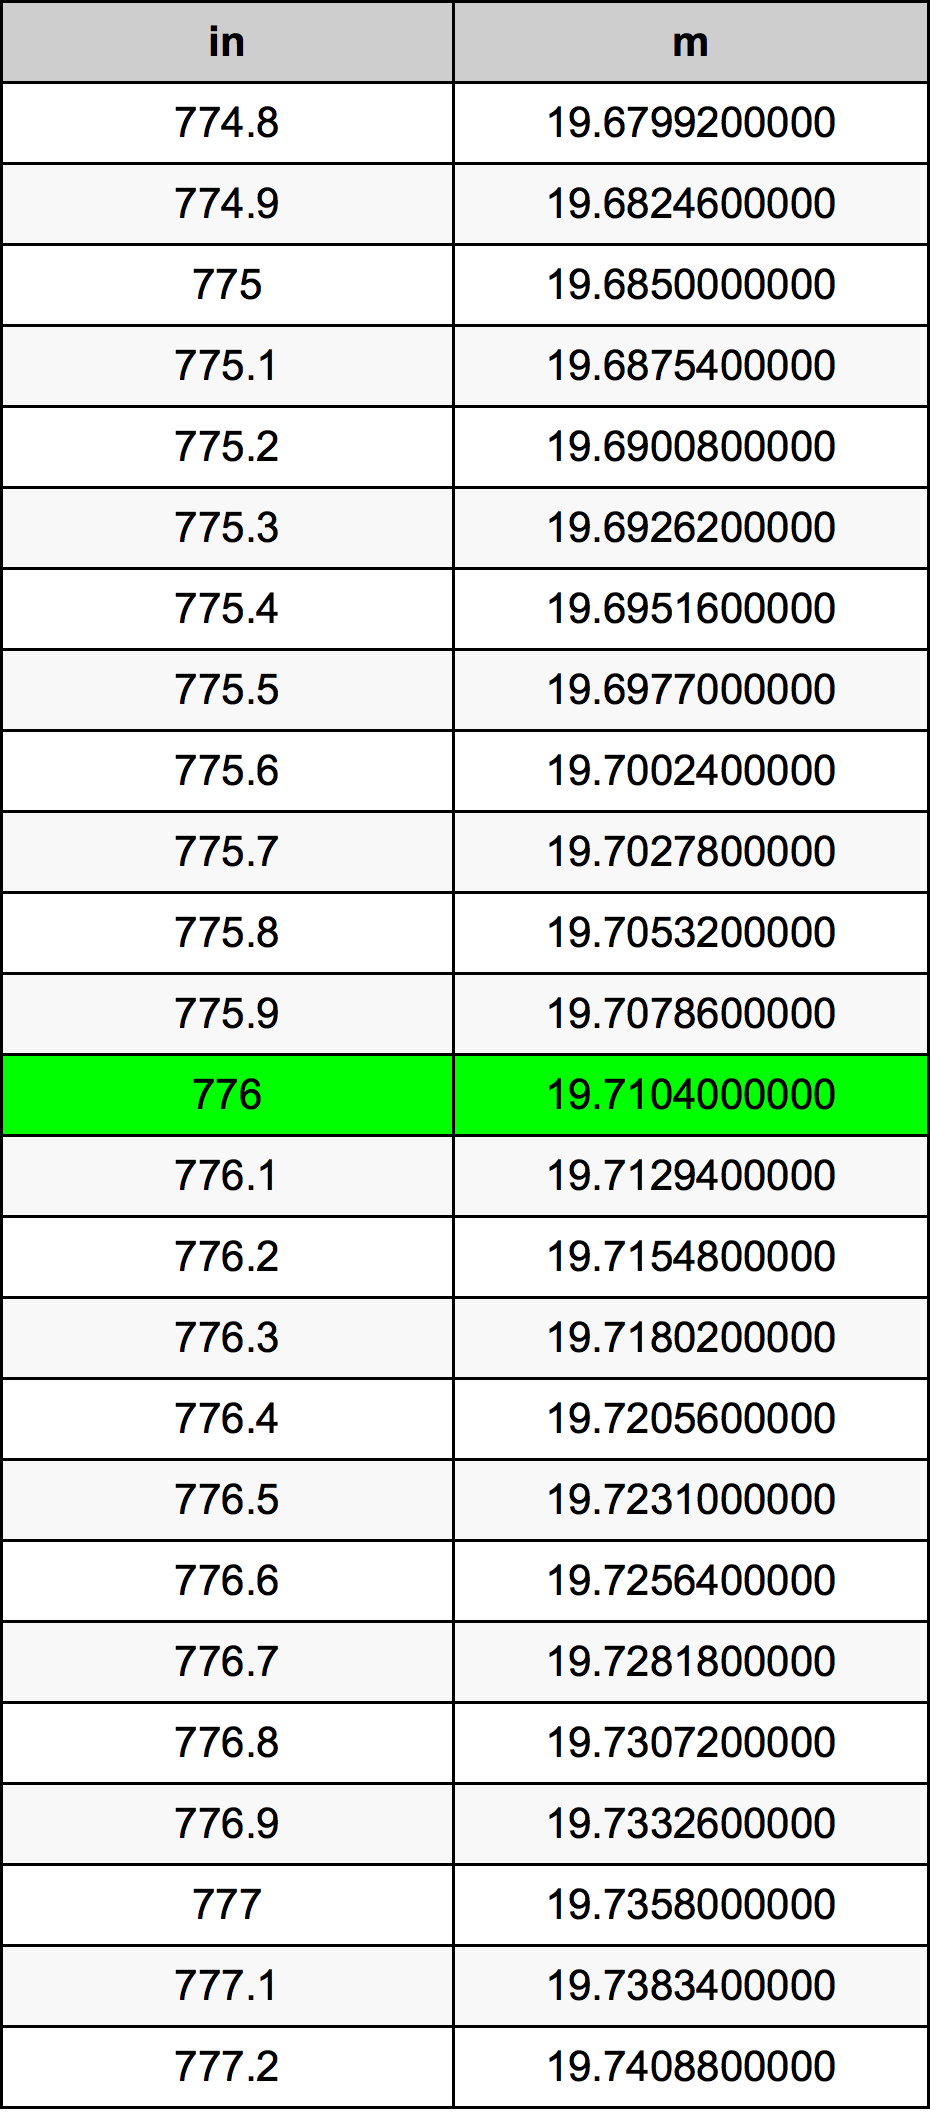 776 Pulzier konverżjoni tabella